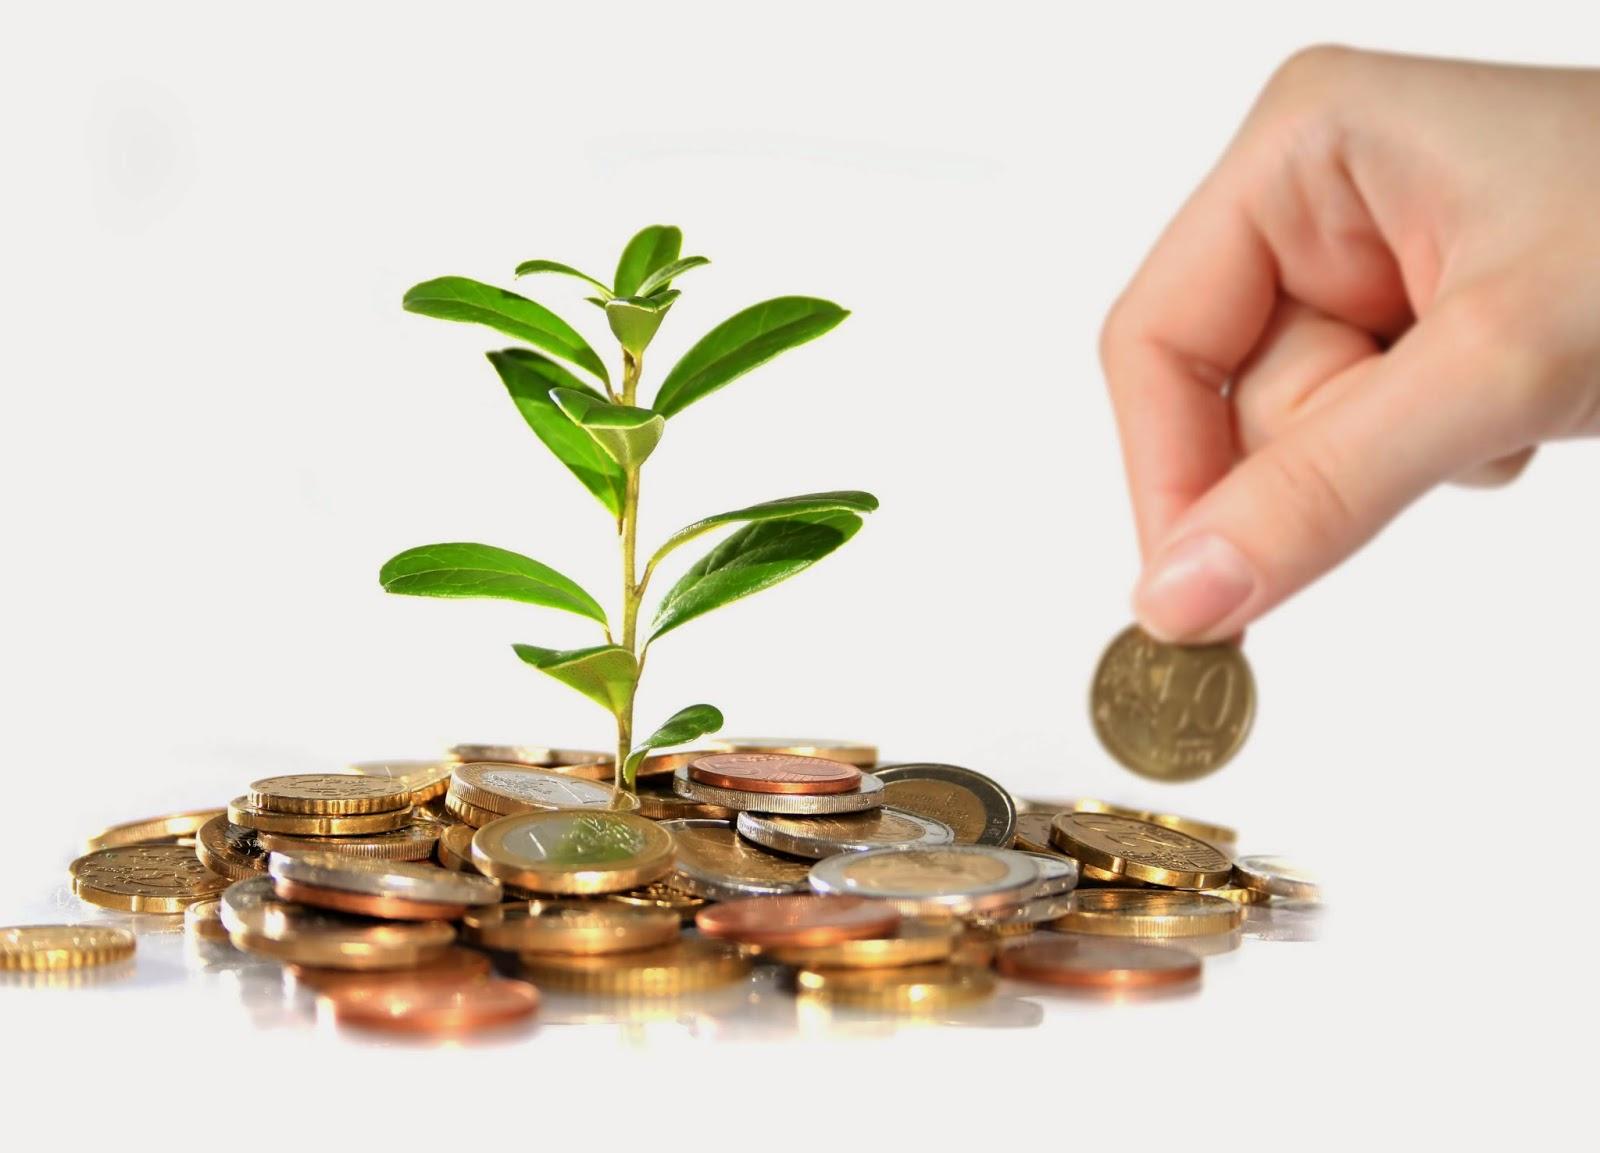 Những ý tưởng kinh doanh cho người ít vốn - Ảnh 1